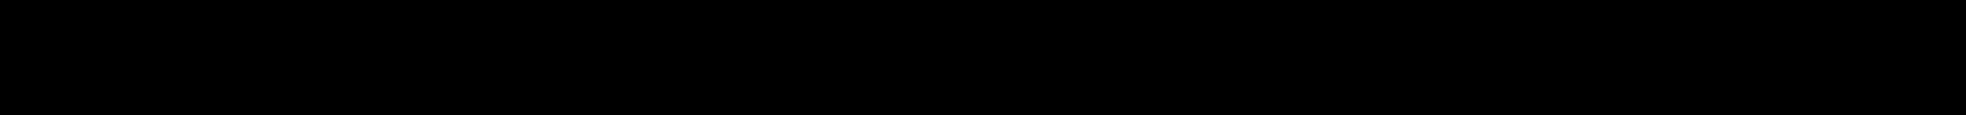 hedda4.png